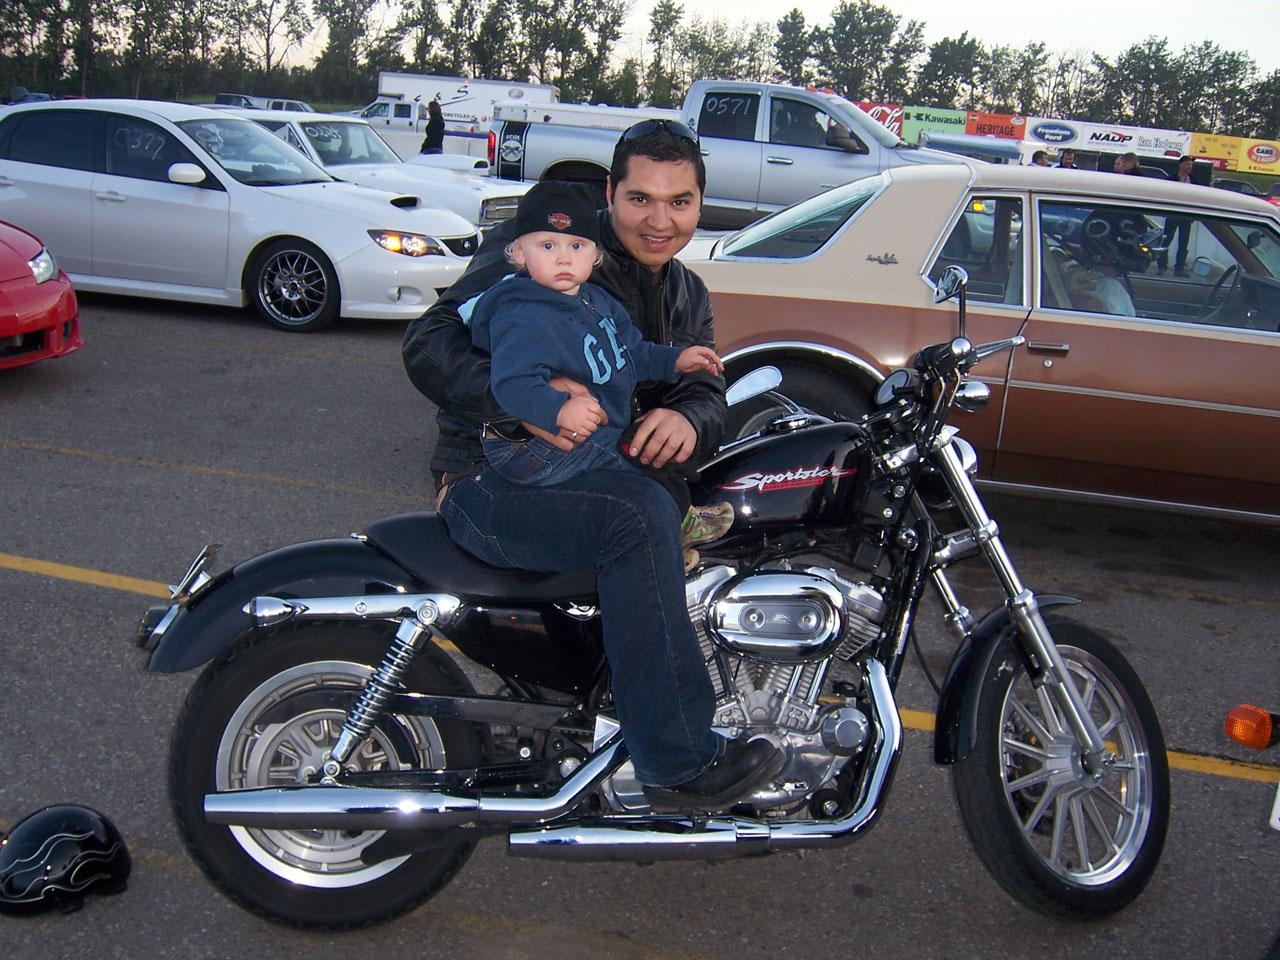 2004 Harley-Davidson Sportster 883-1200 XL 1/4 mile Drag Racing ...